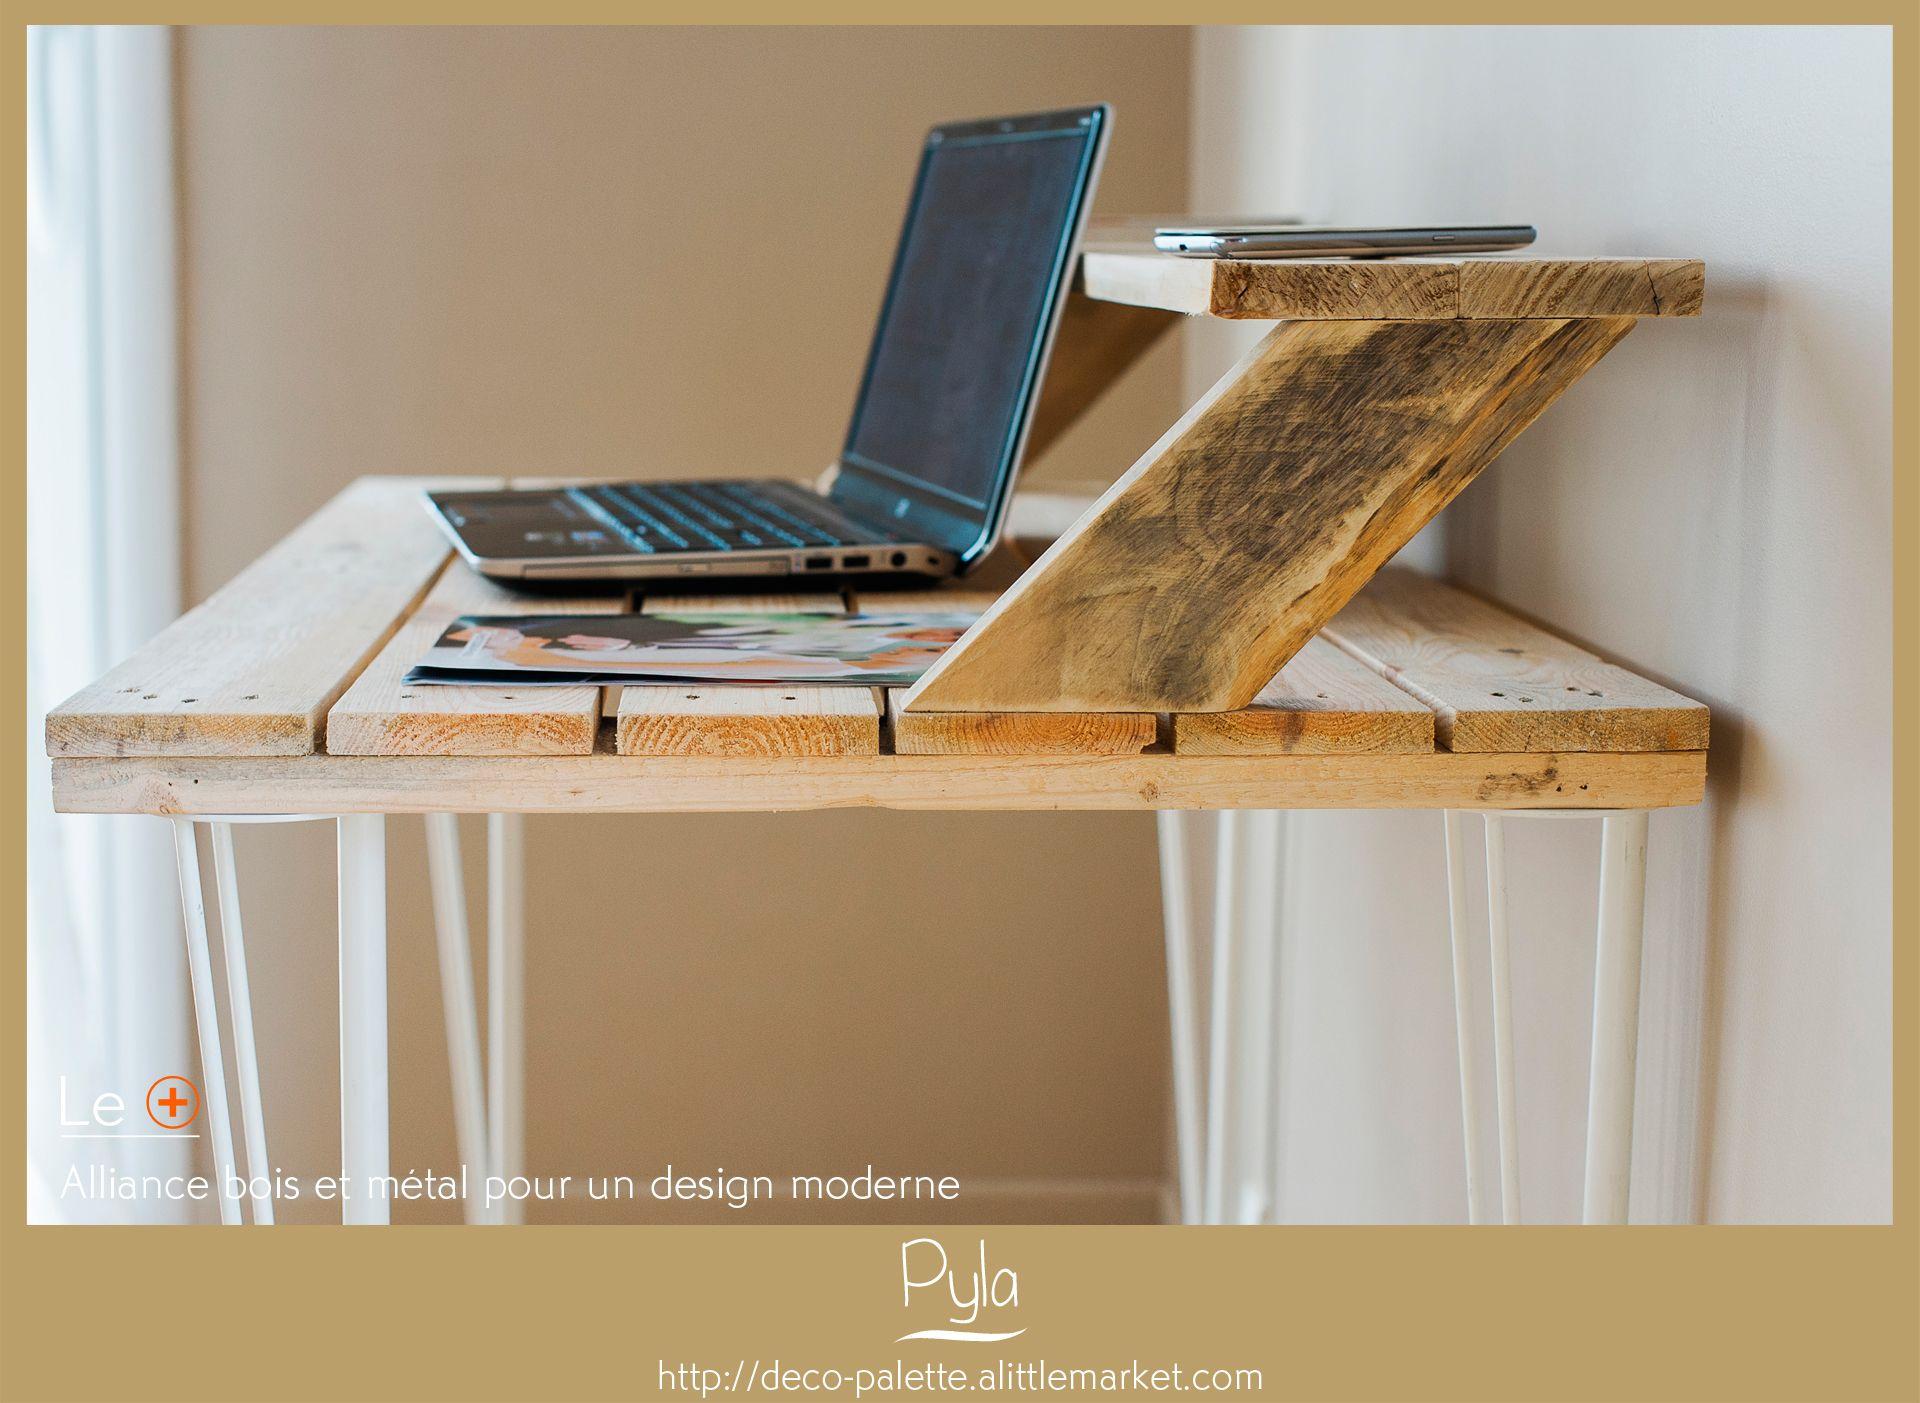 Bureau Bois Rustique : Bureau bois massif rustique table chene massif rustique best of